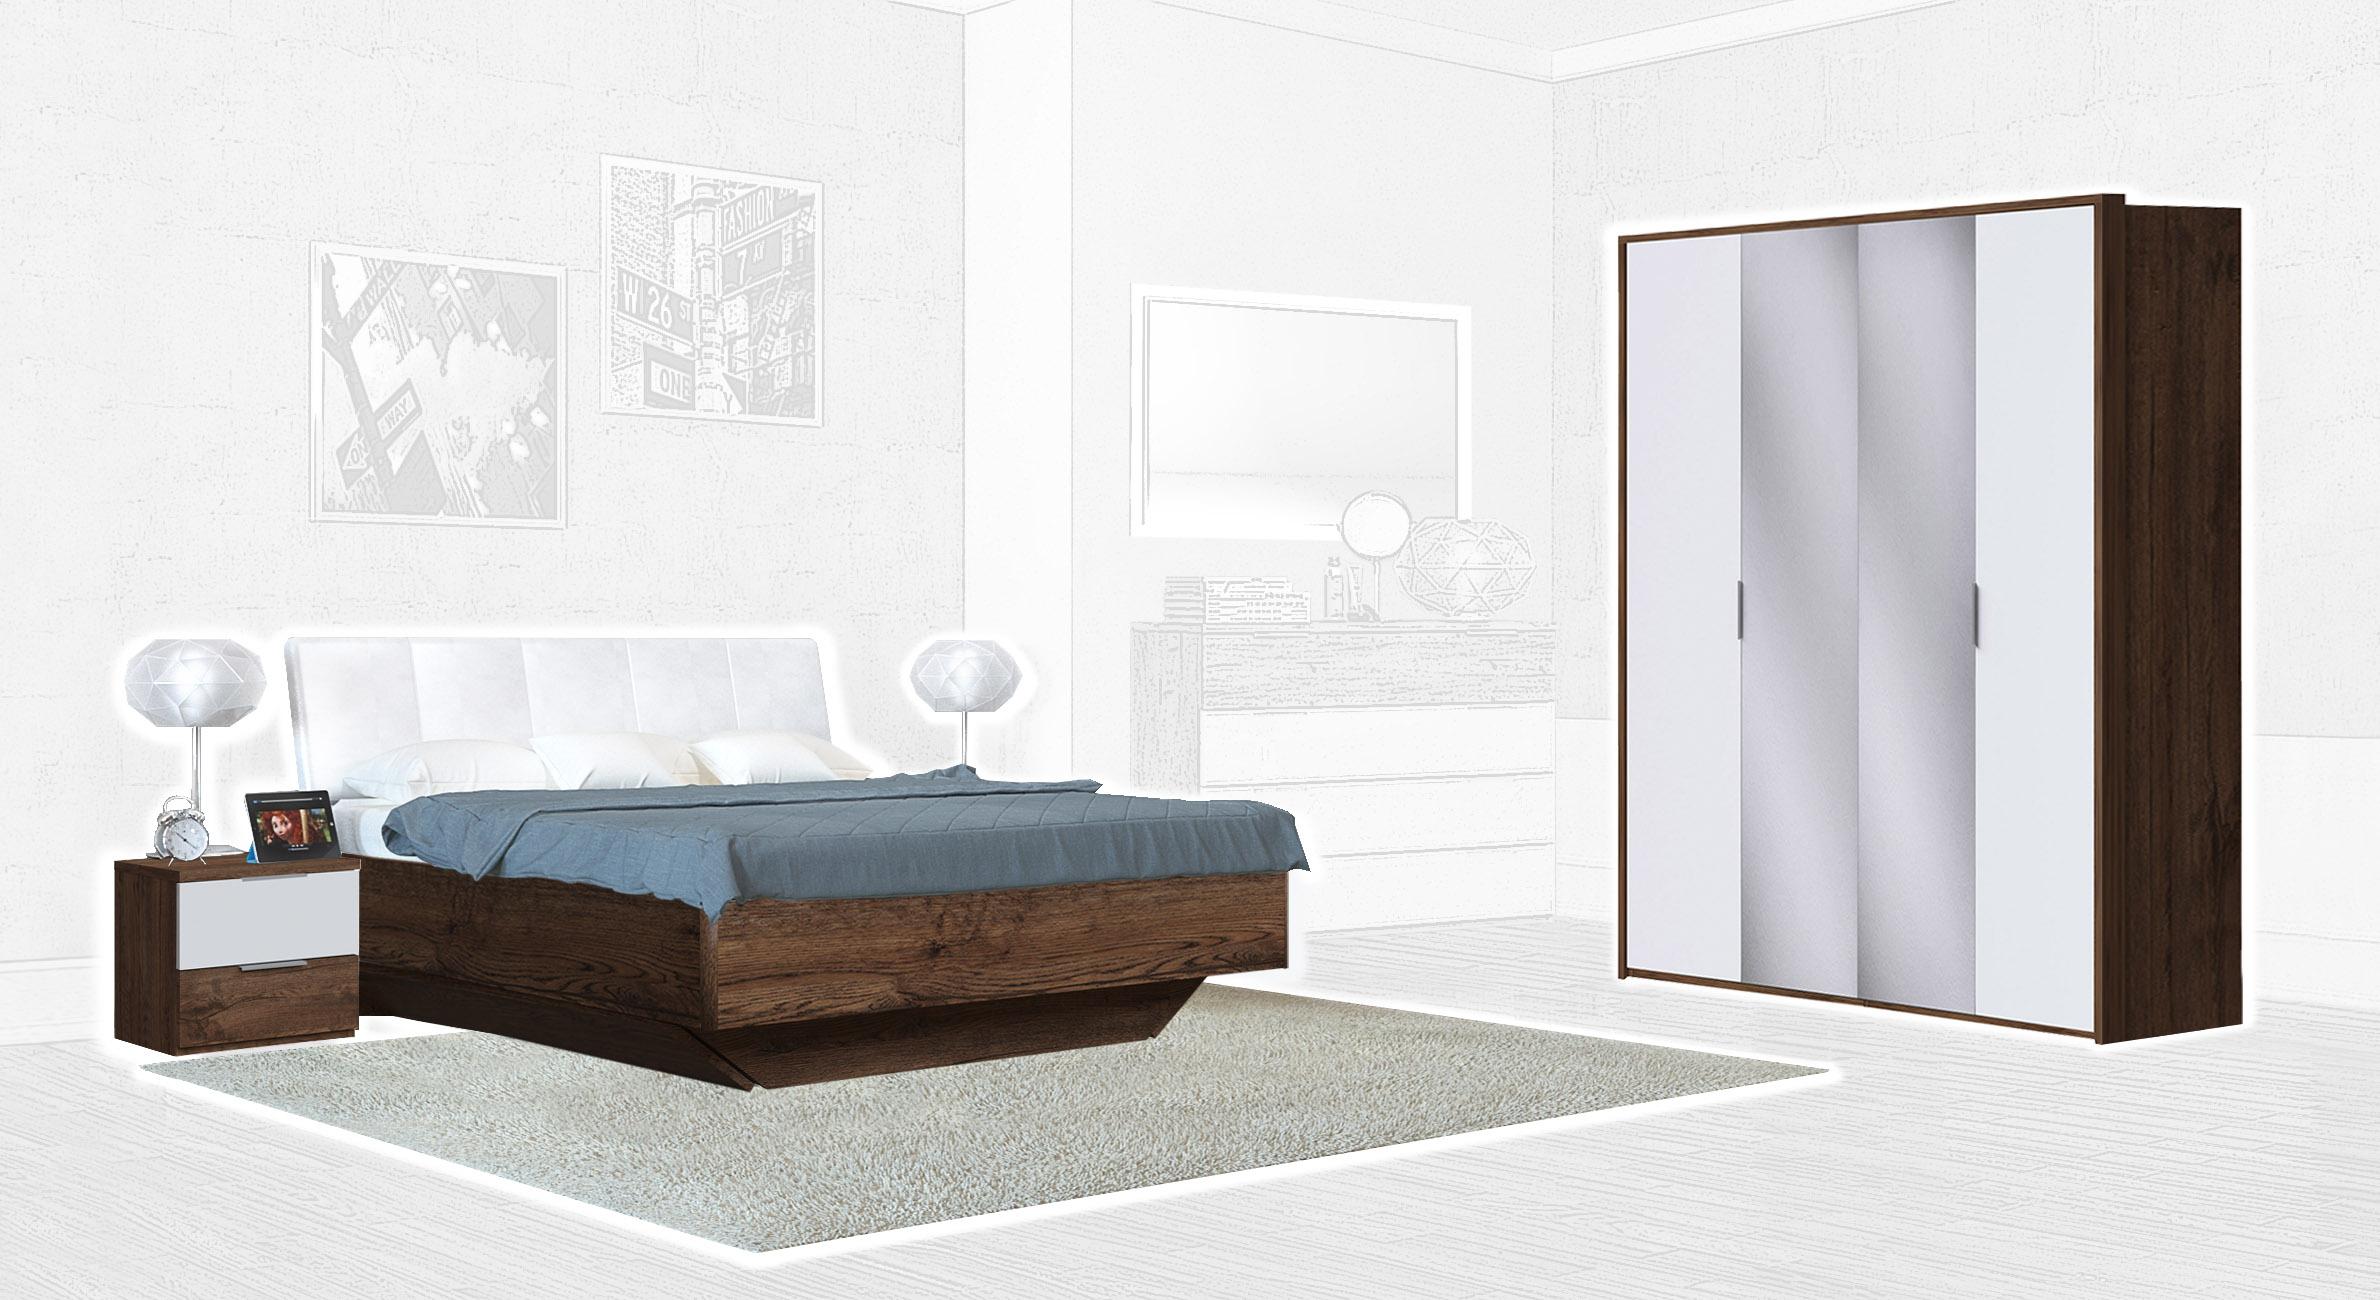 Спальня Интердизайн Тоскано темно-коричневый/белый (композиция 2)